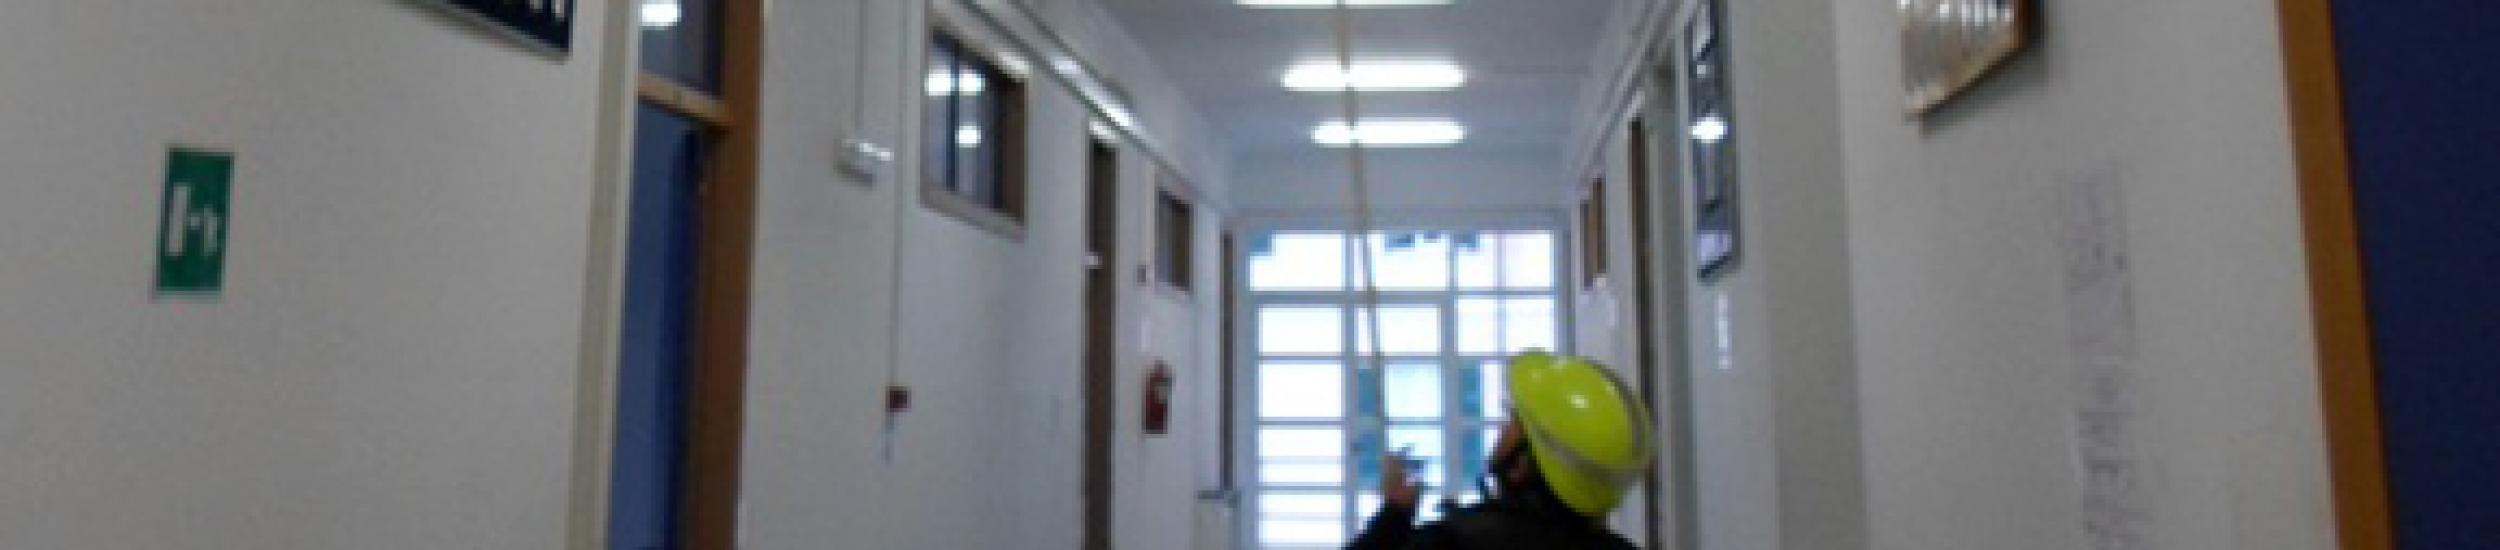 News: Periferie, nella città metropolitana la riqualificazione parte dalle scuole